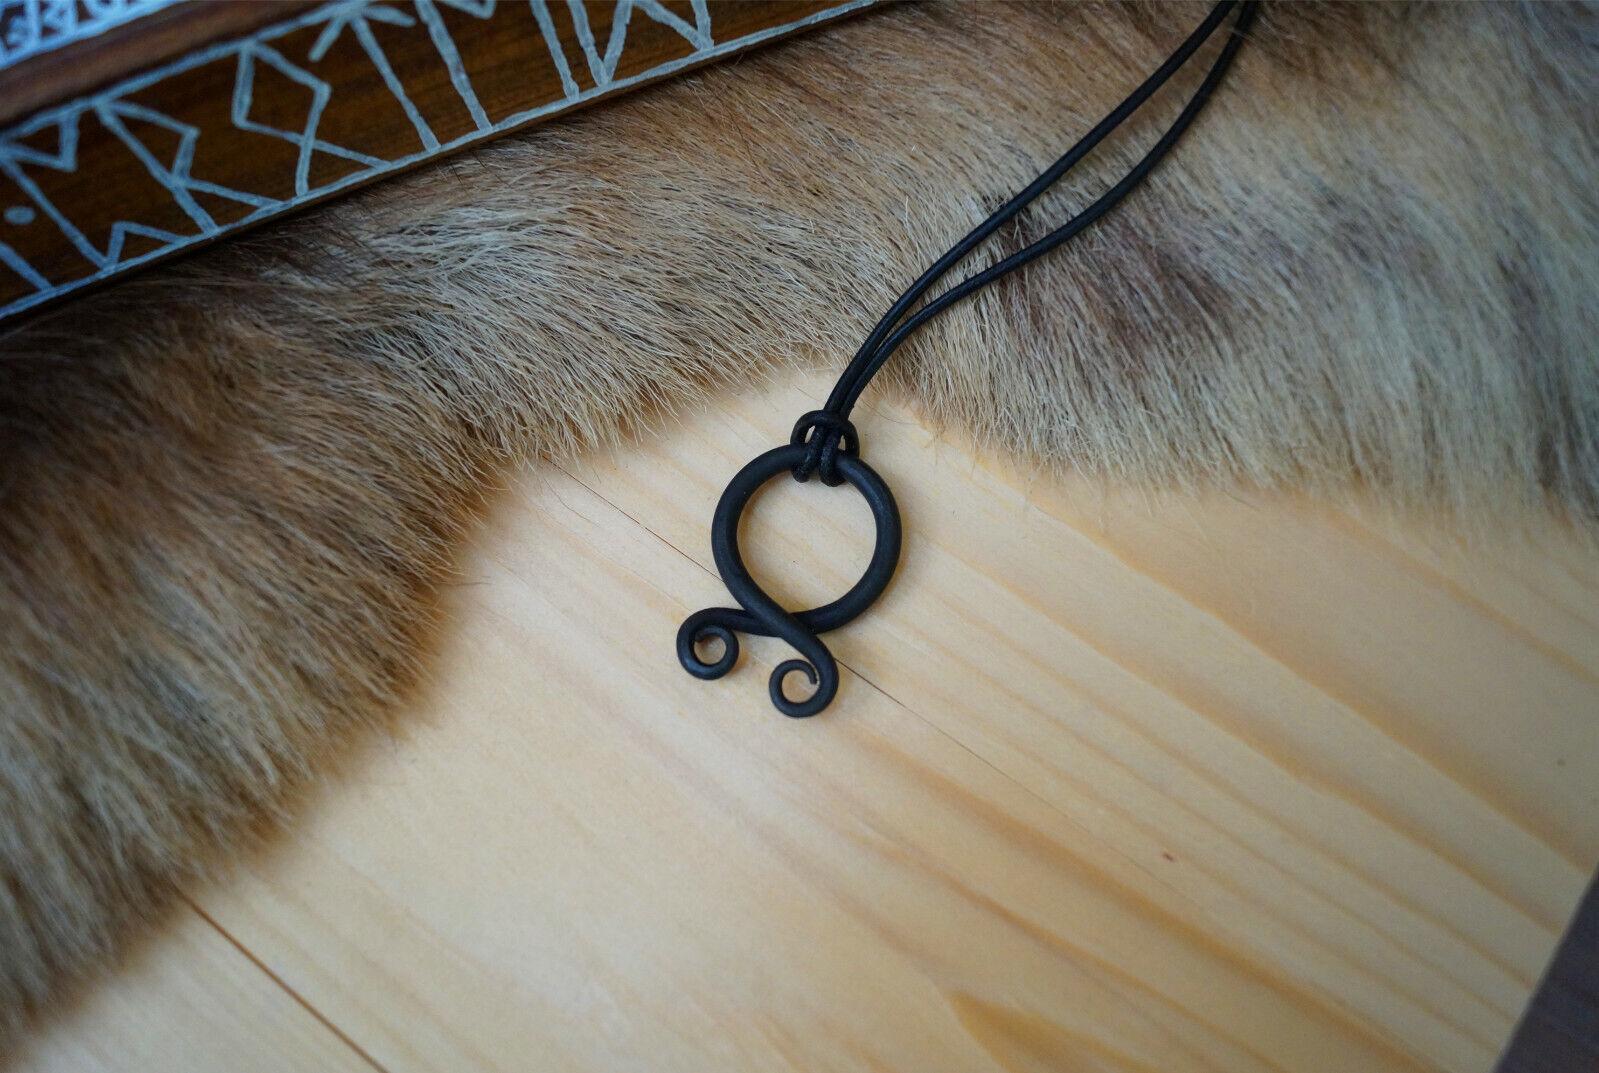 Trollkreuz Wikinger Anhänger Halskette Kette Mittelalter Eisen Magie Schutz larp